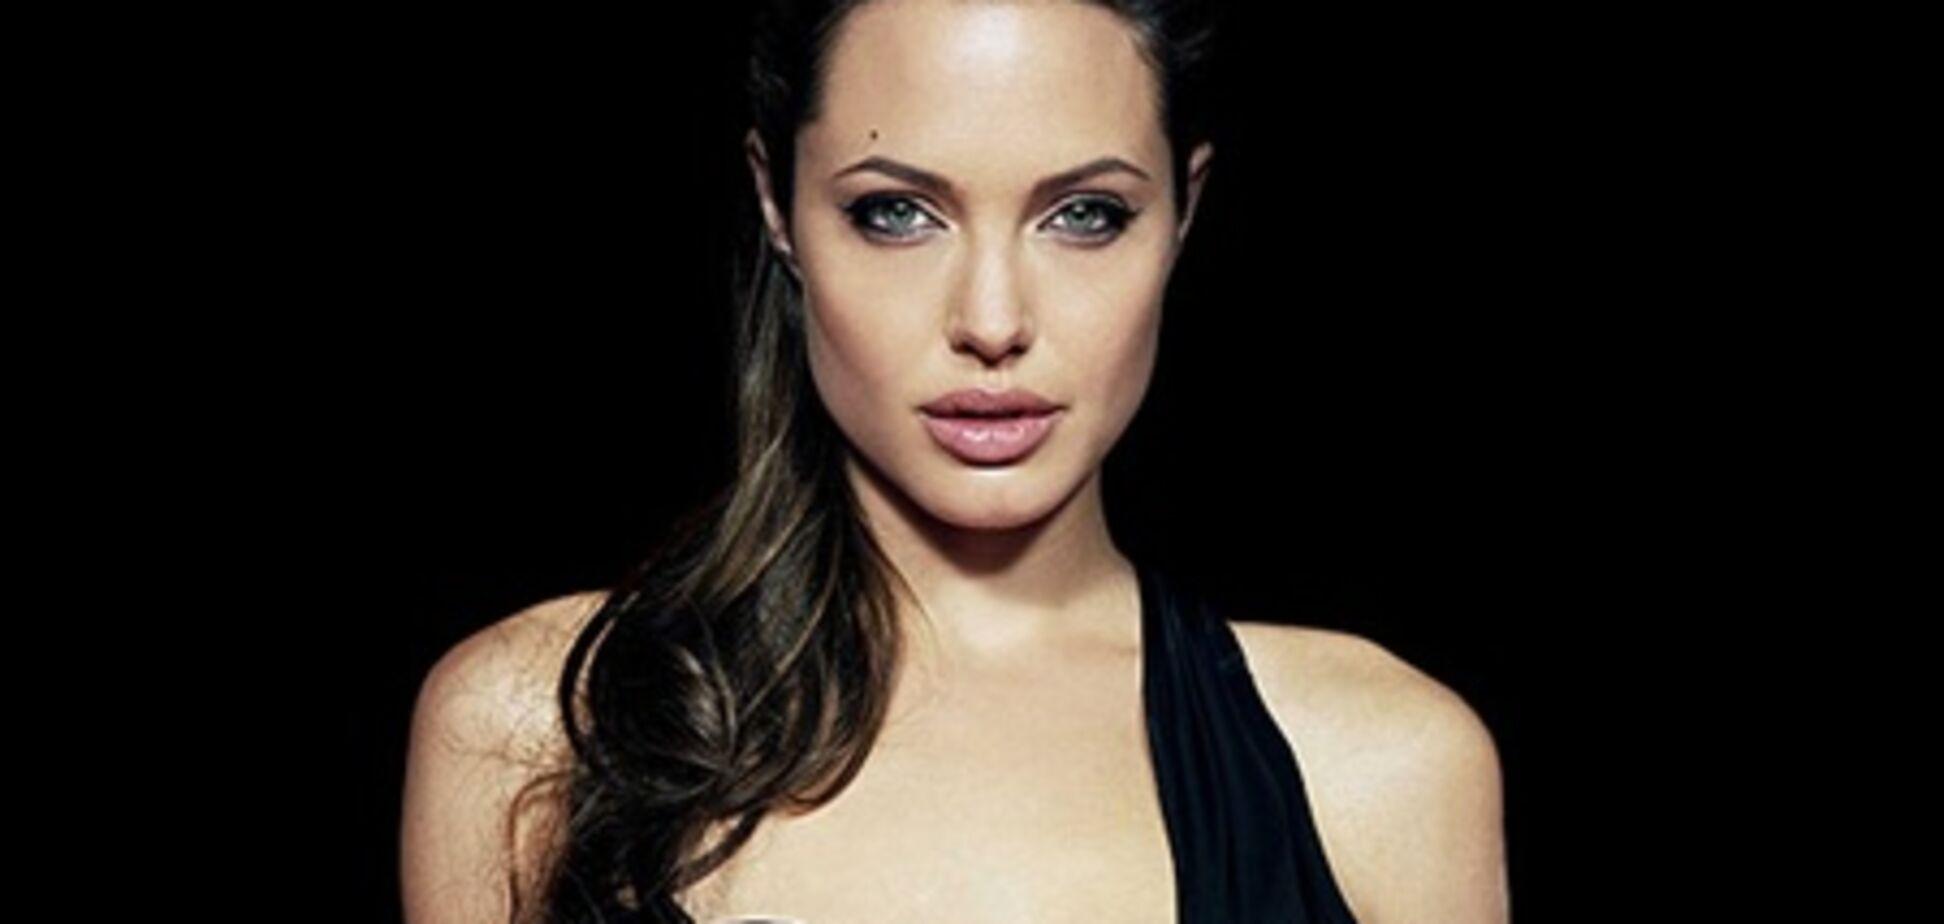 Джоли 'отобрала' звание самой стильной у Миддлтон. Фото